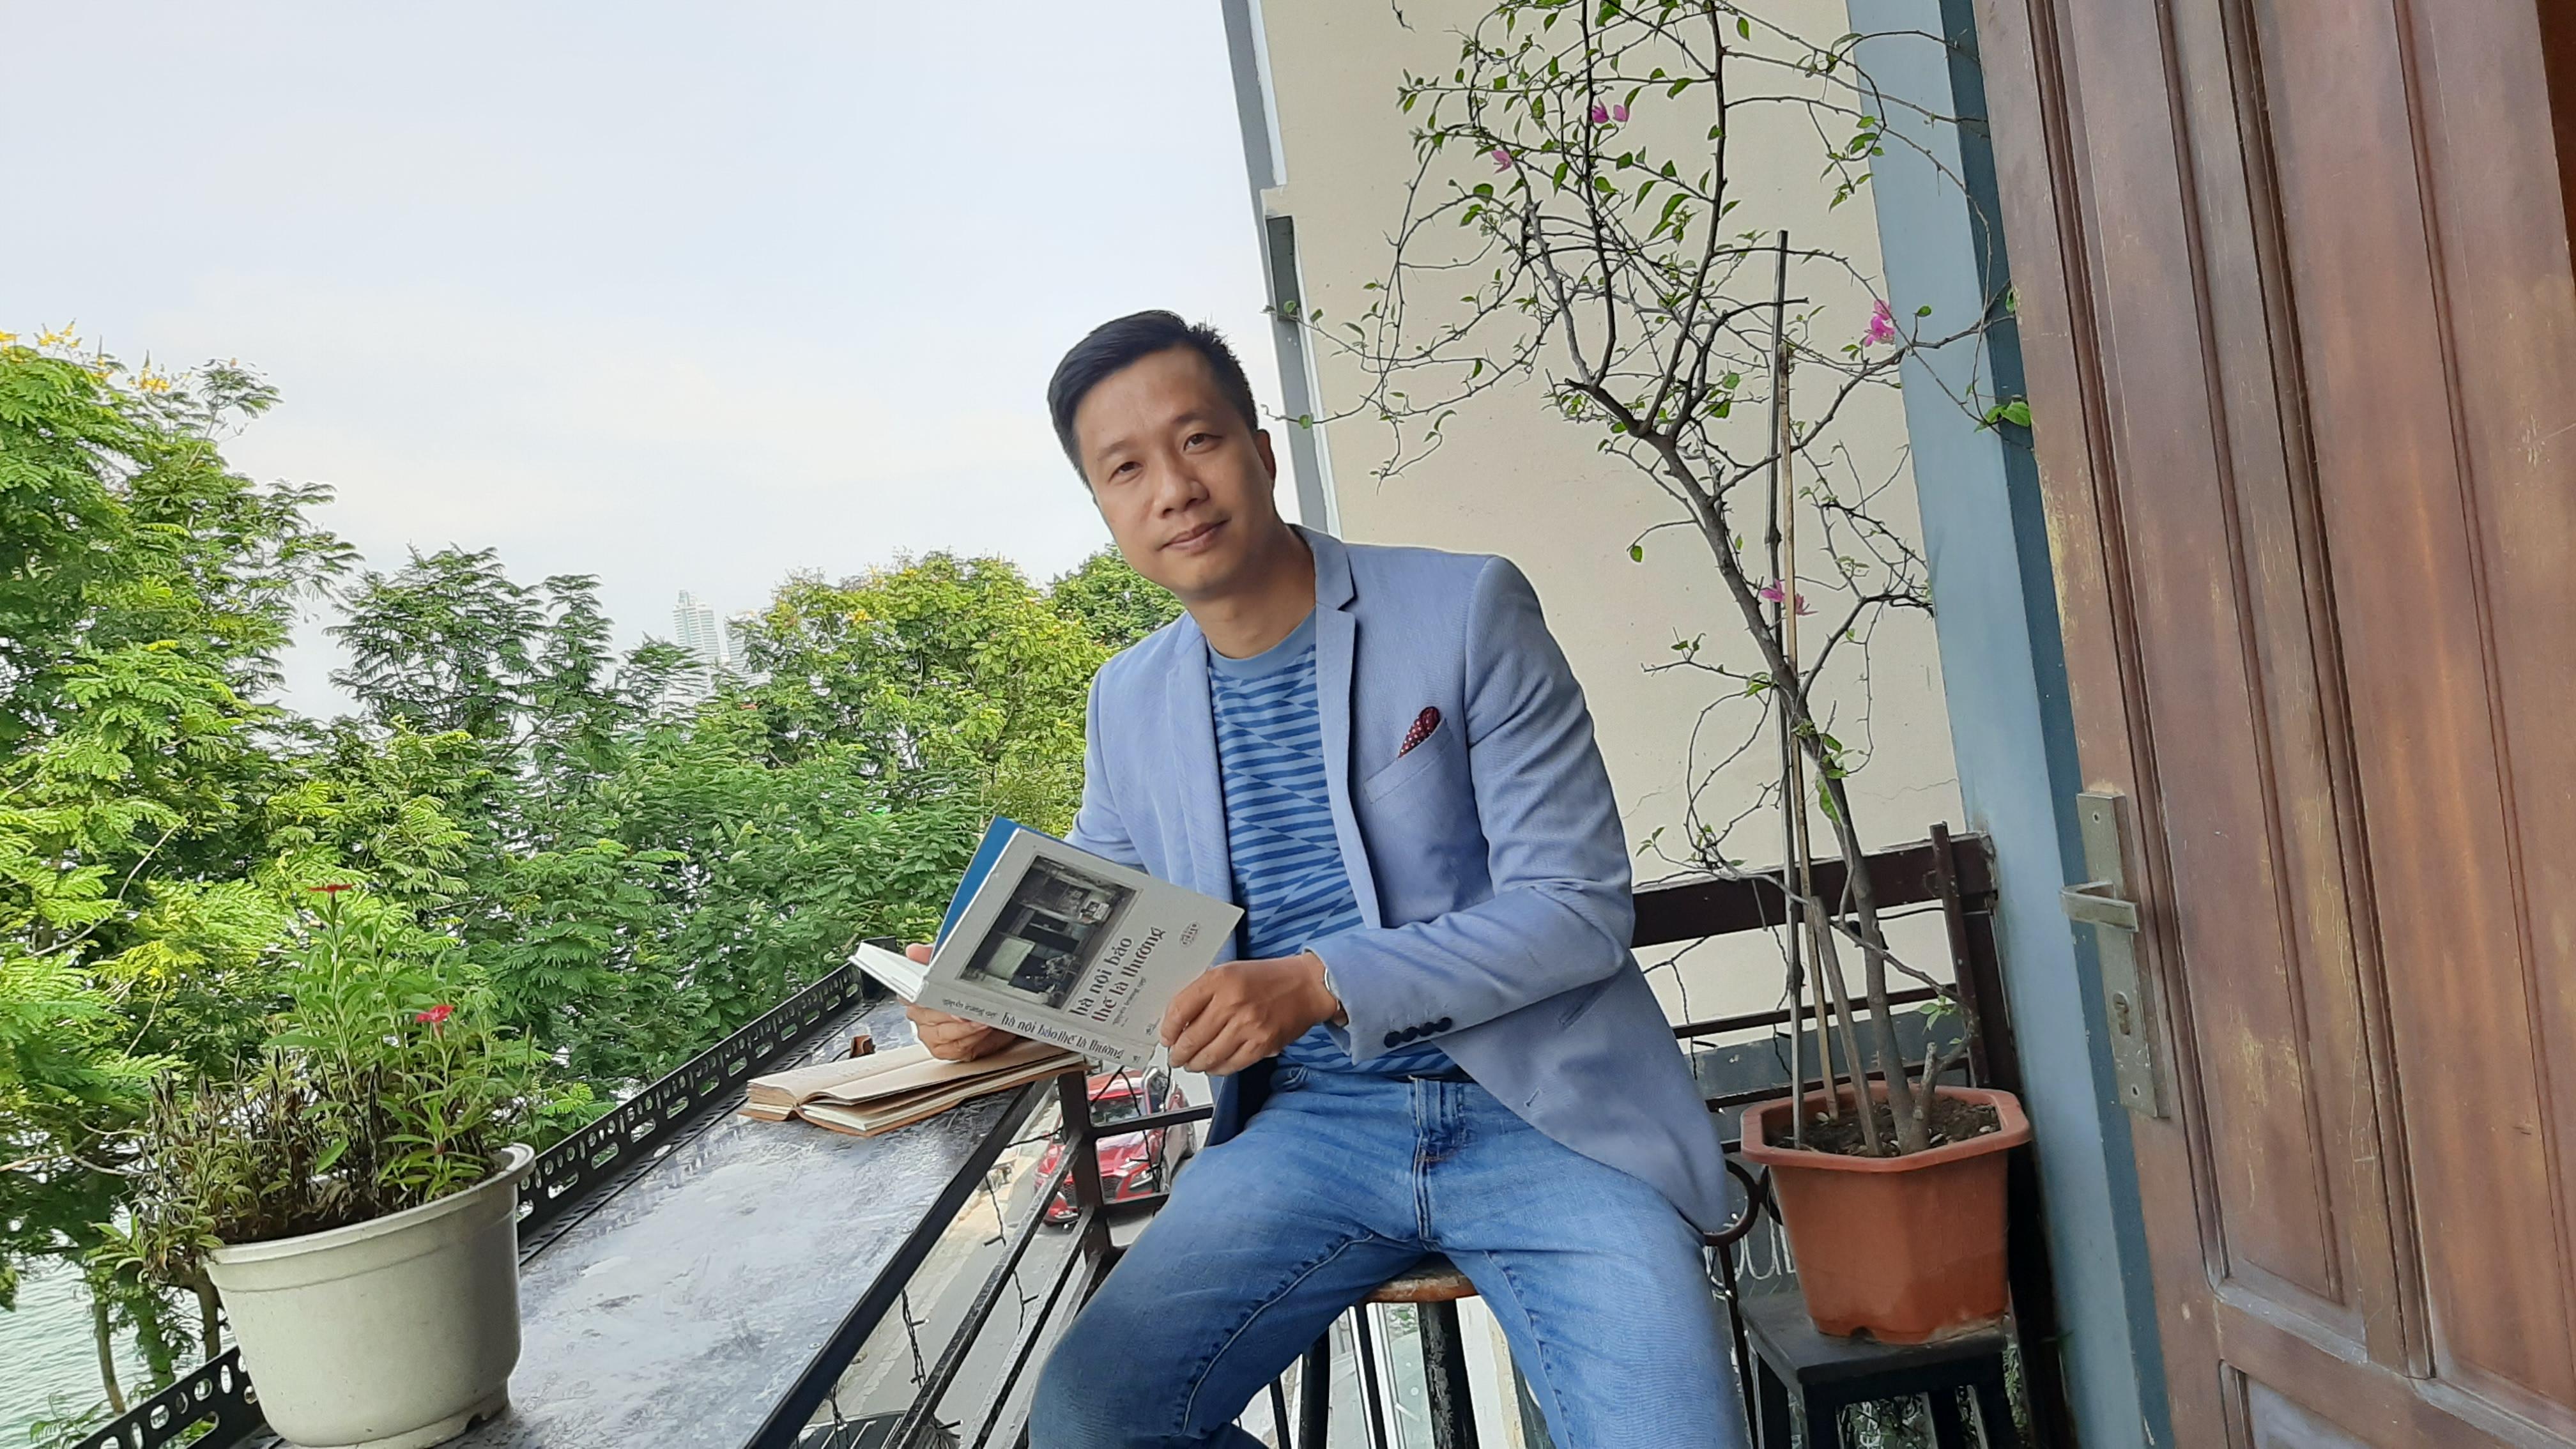 Tác giả Nguyễn Trương Quý bên tác phẩm mới ra mắt – Hà Nội bảo thế là thường. Ảnh: NVCC